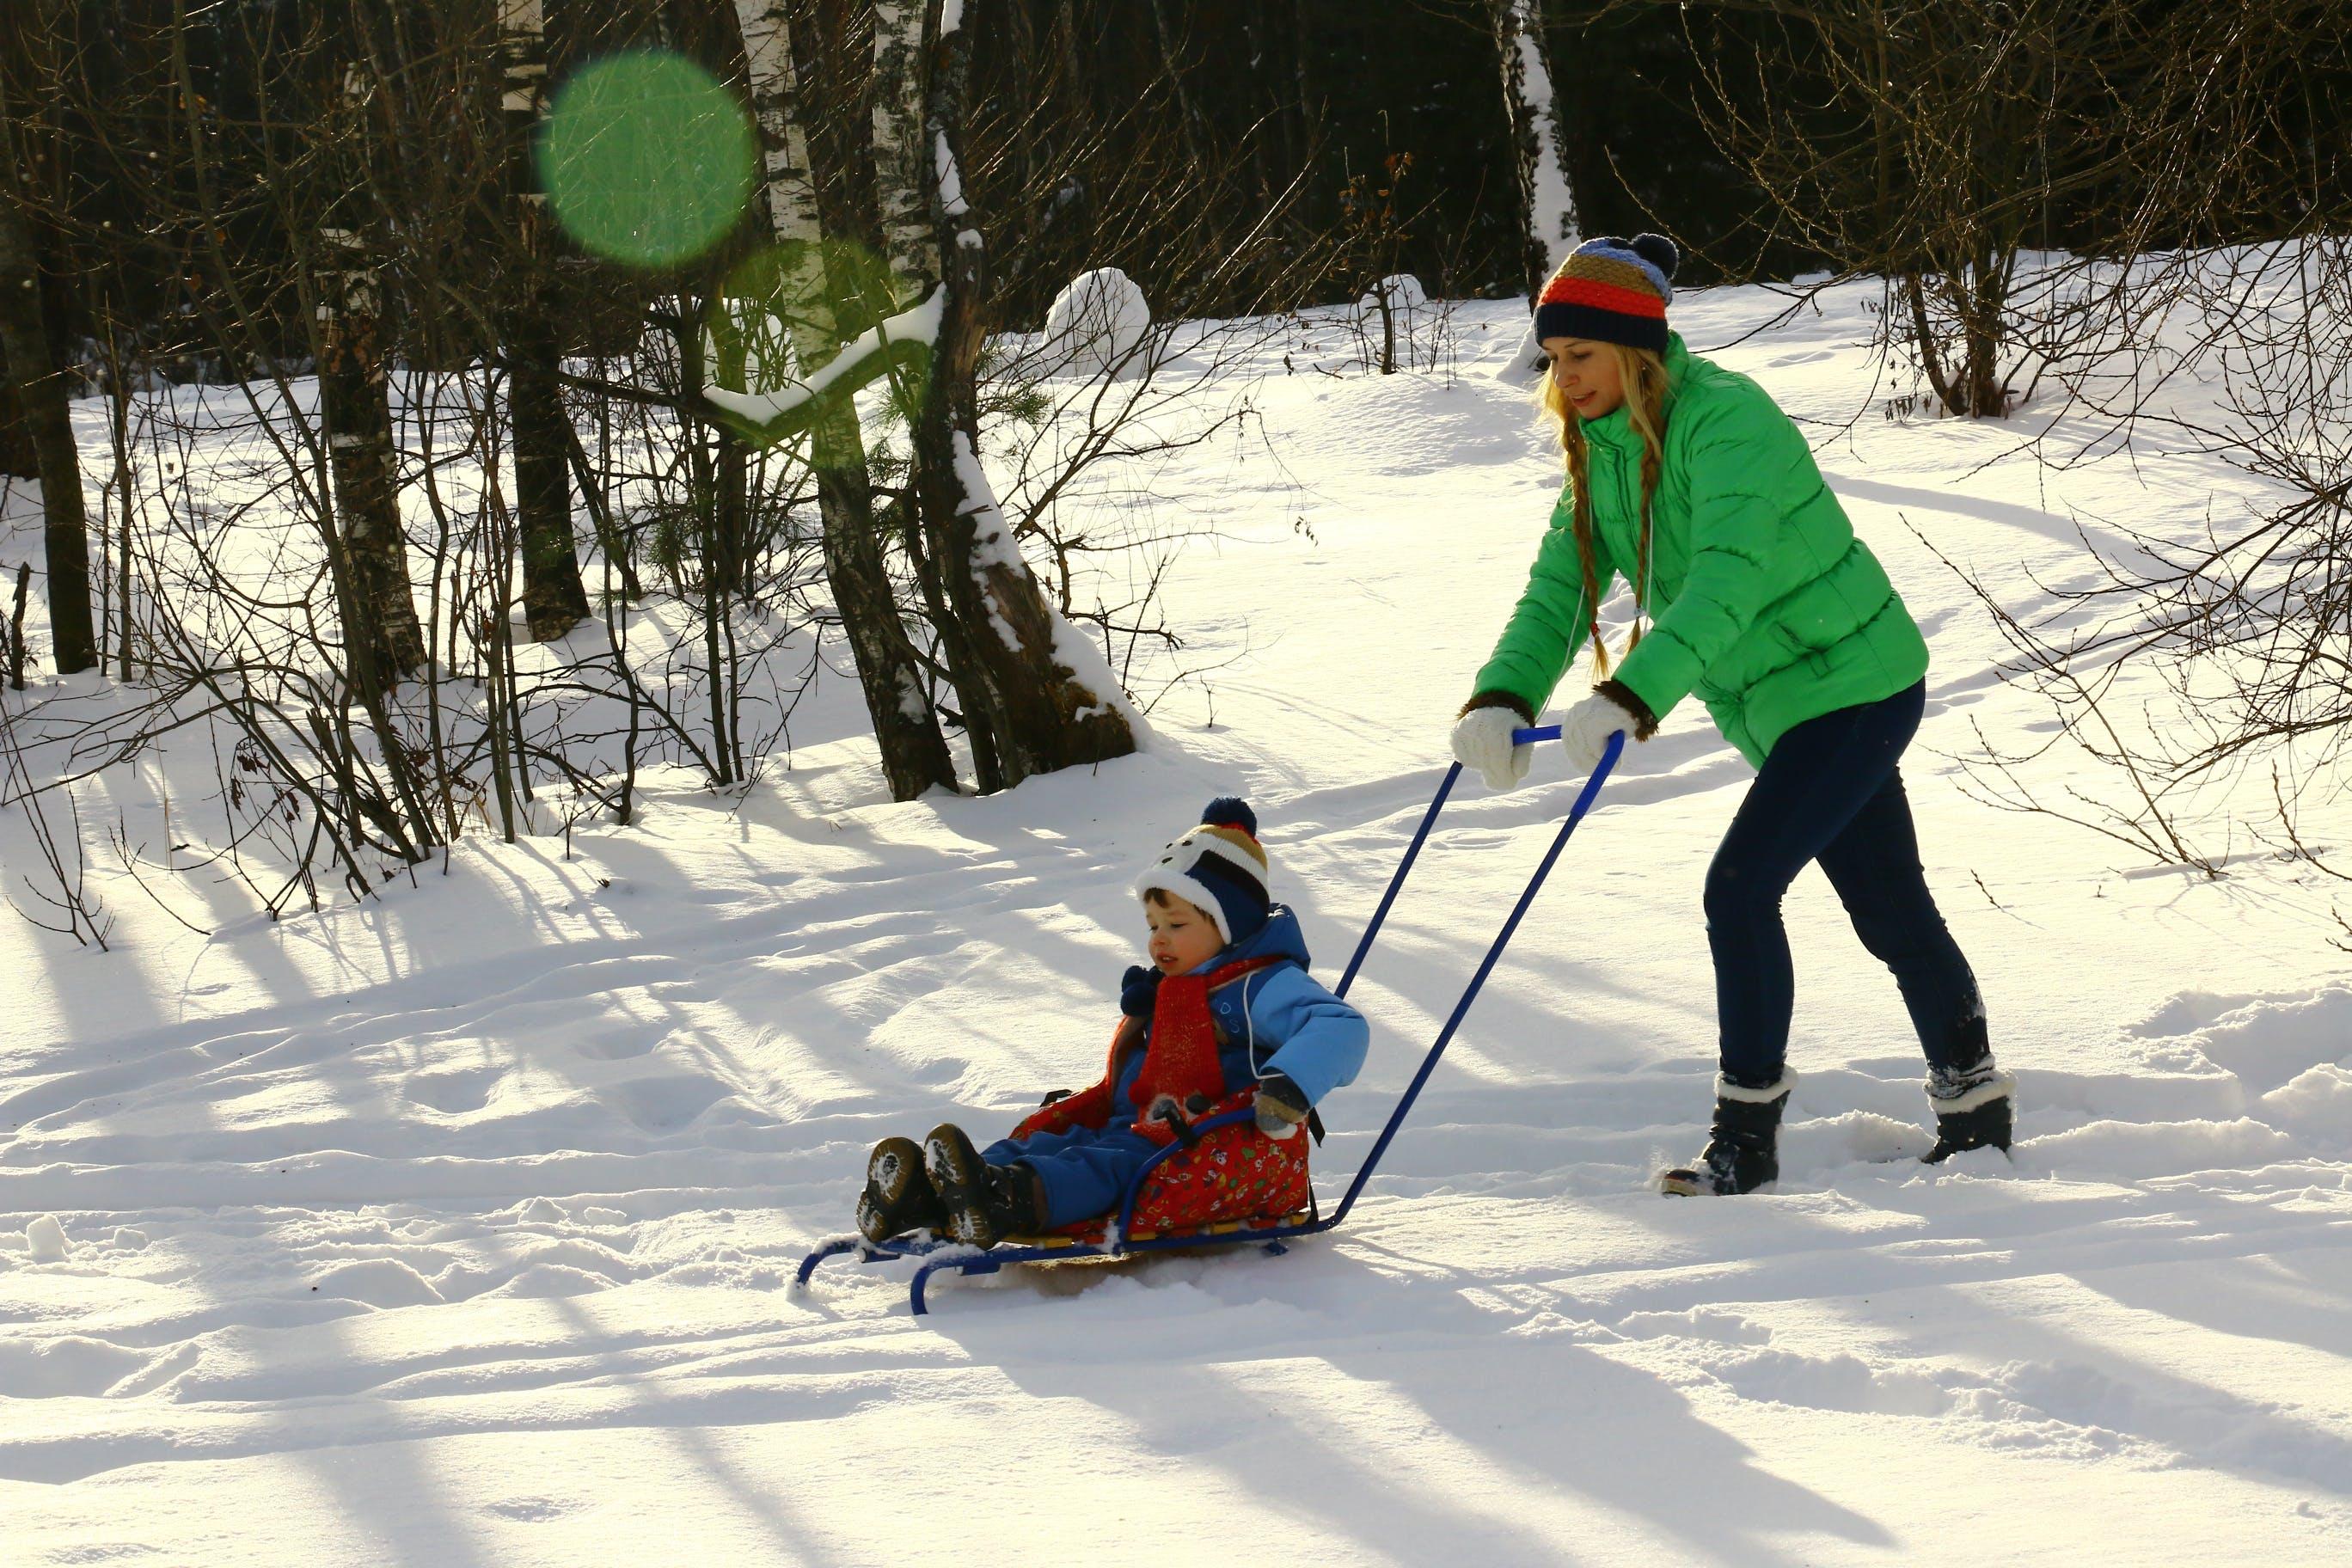 Woman Pushing Toddler on Sled